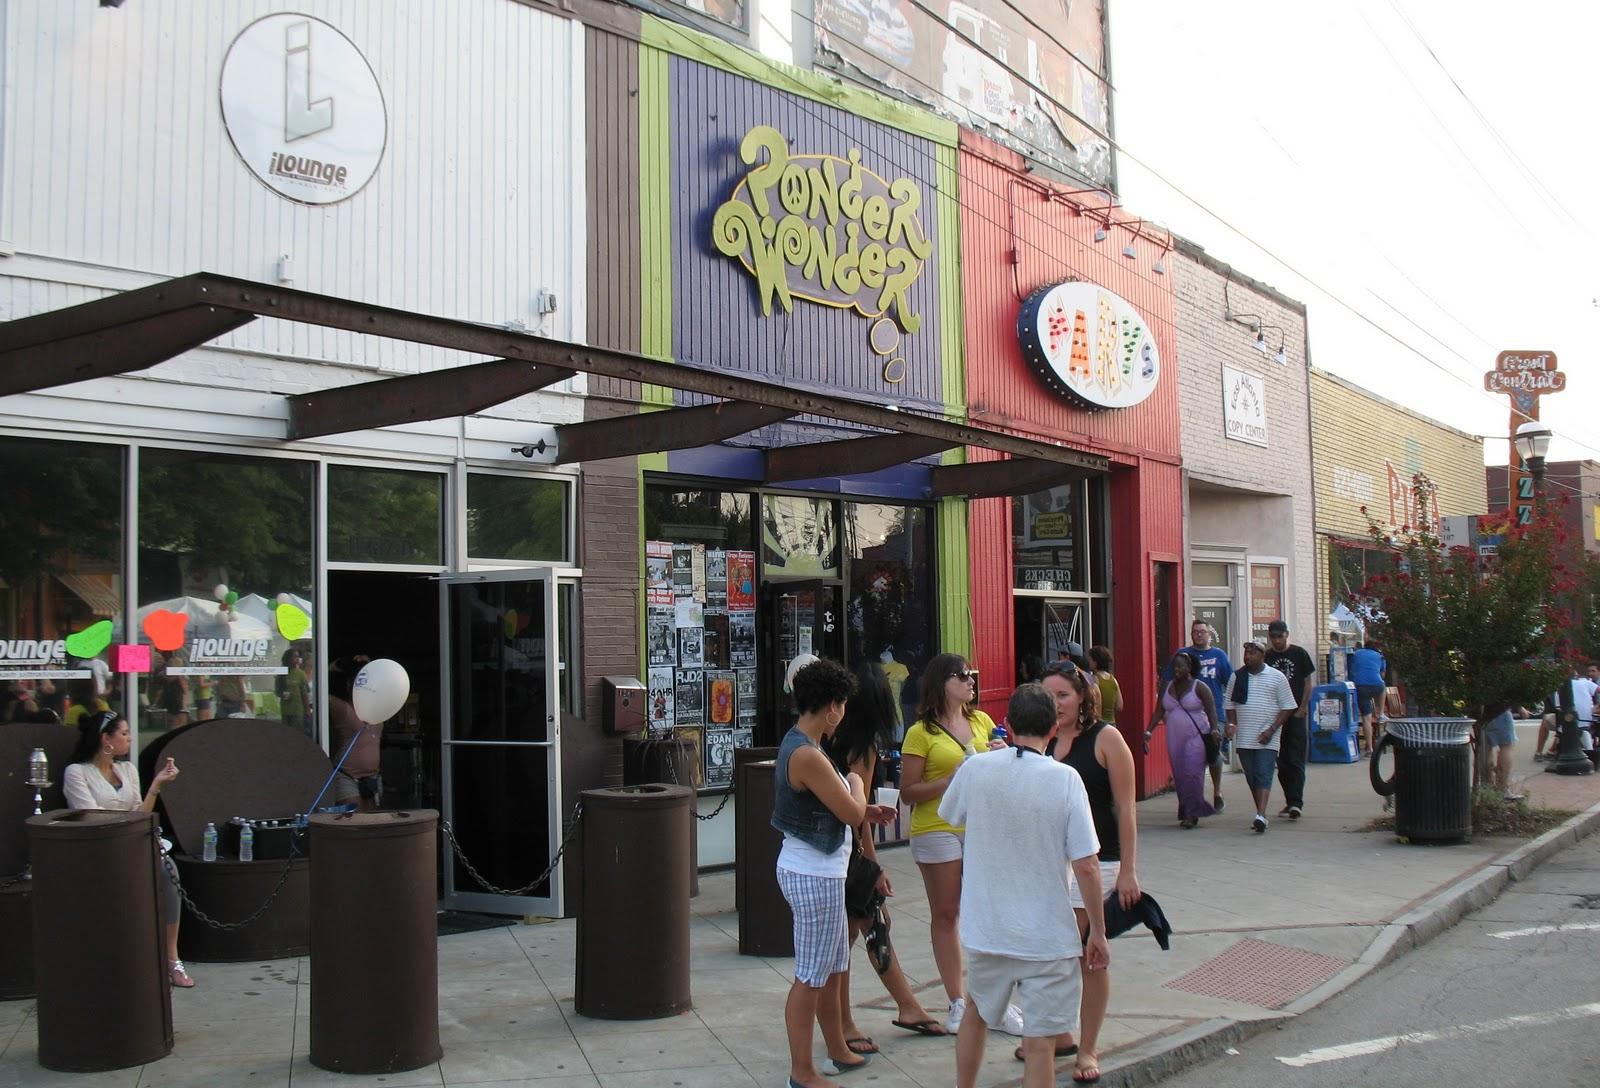 A scene from the East Atlanta Village in Atlanta.